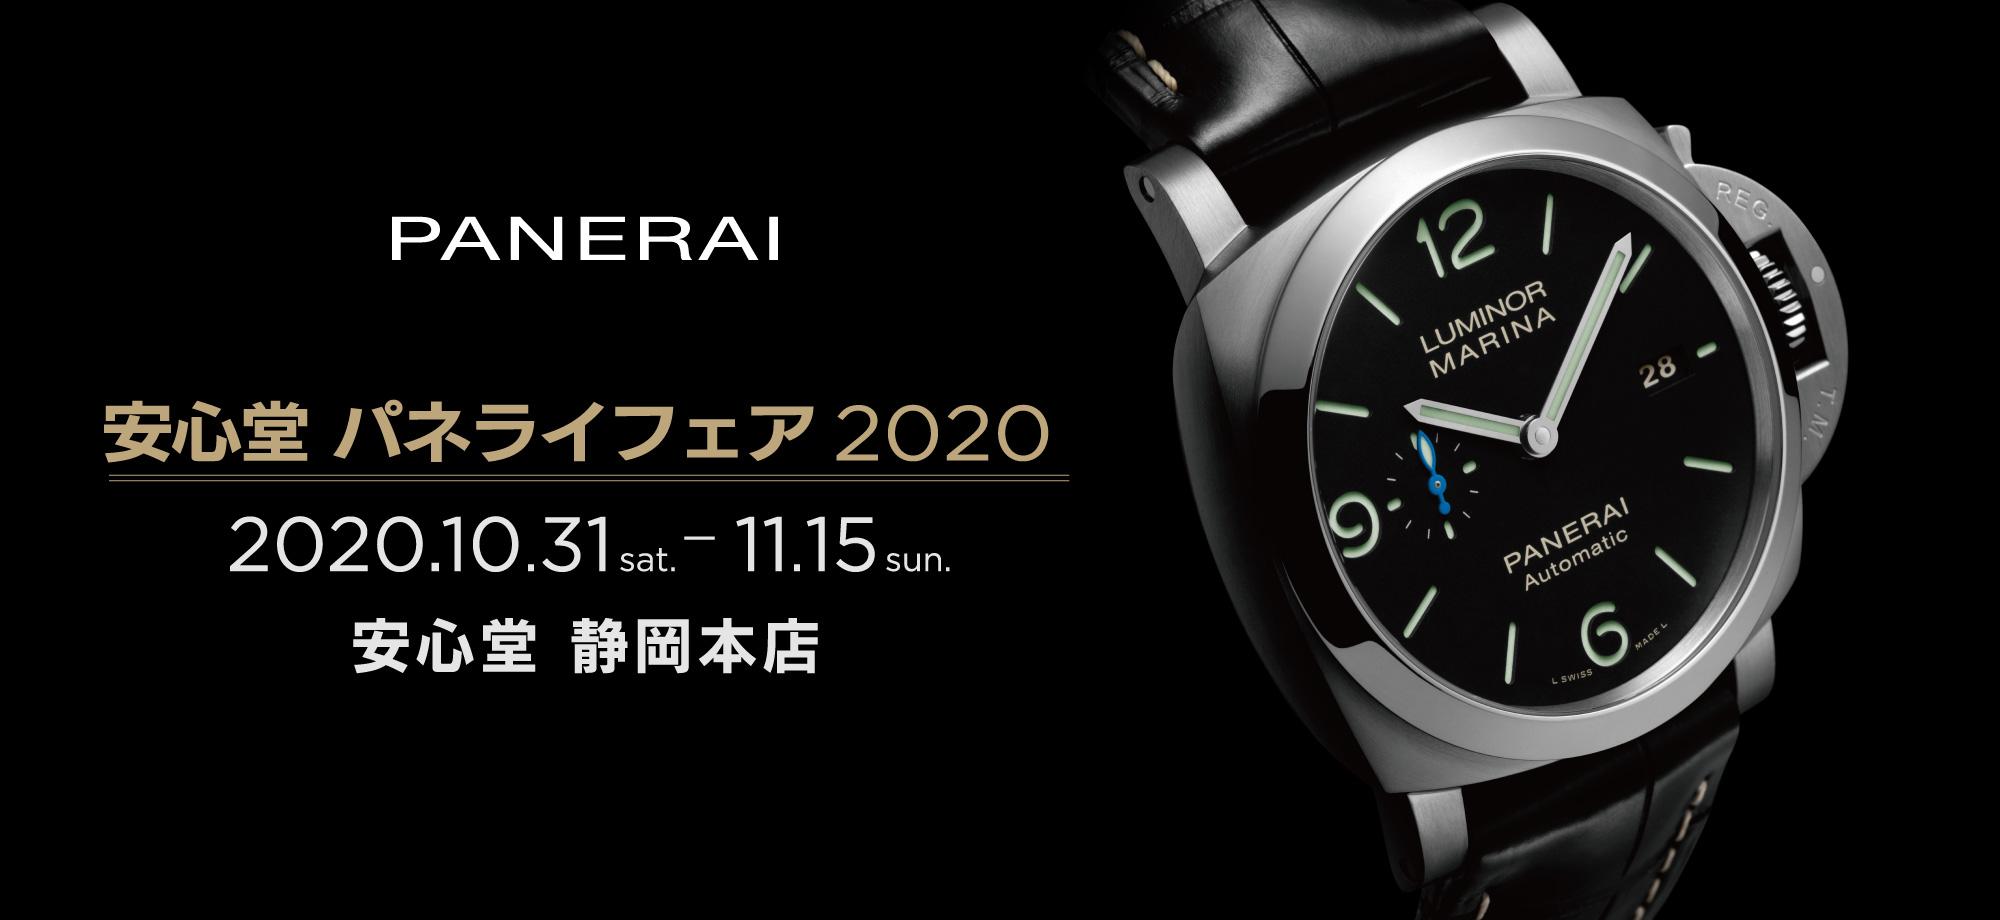 安心堂 パネライフェア 2020